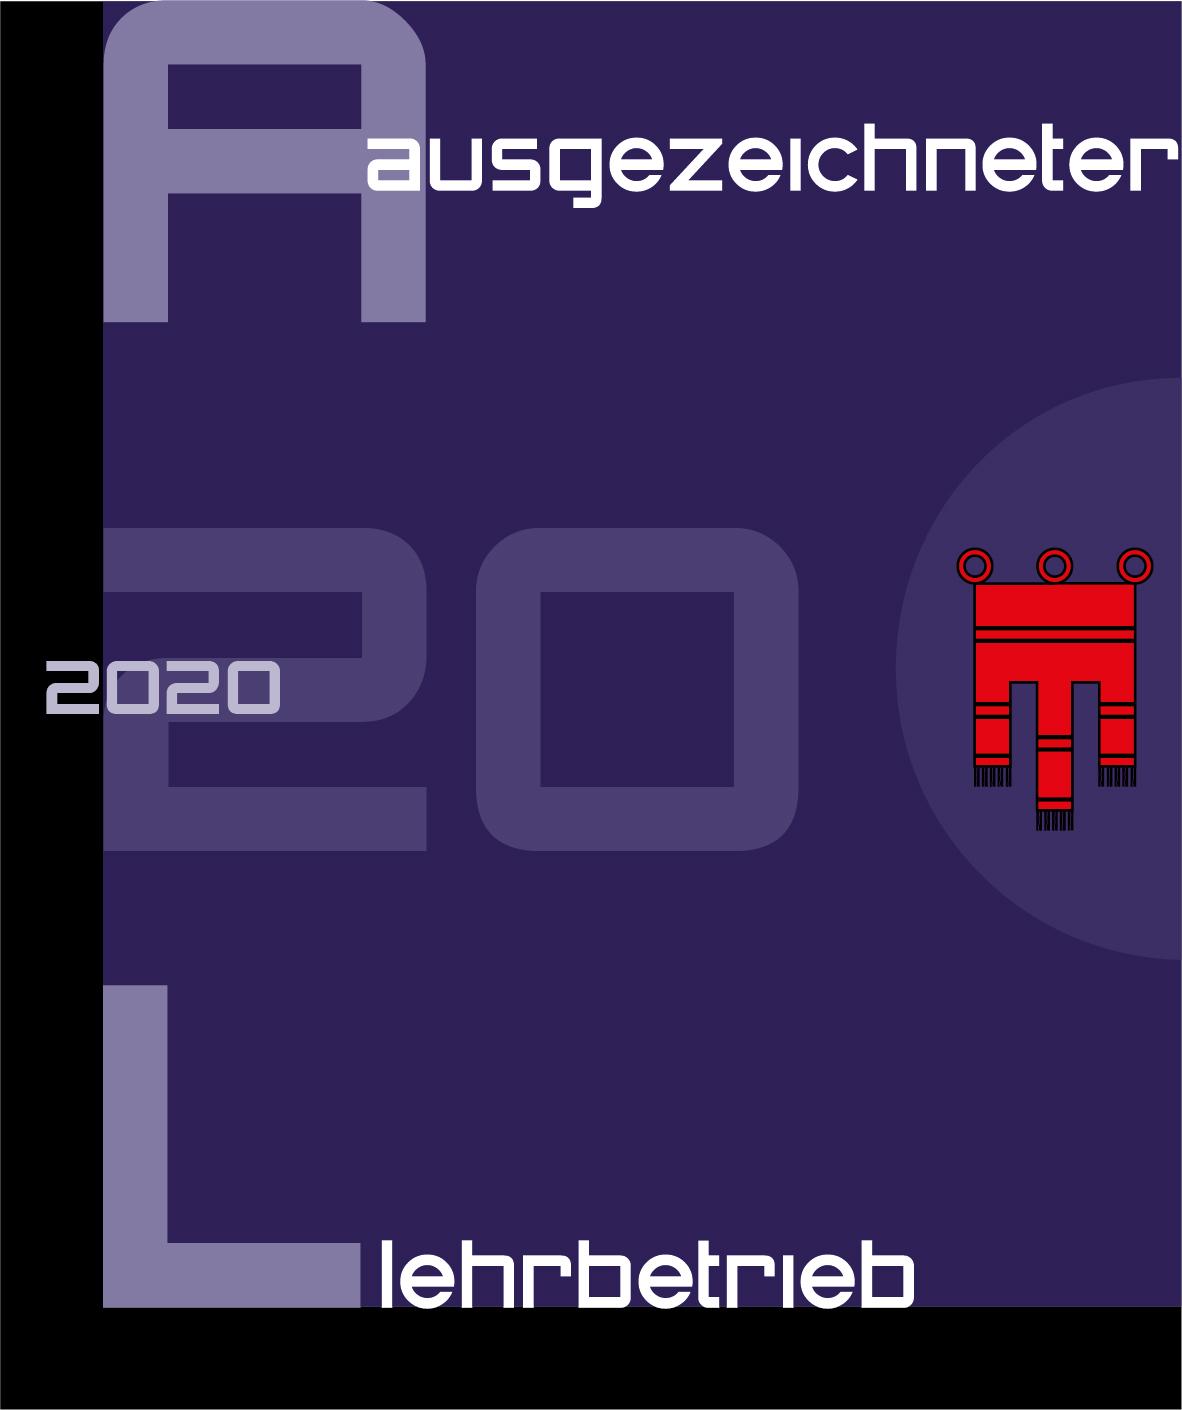 Ausgezeichneter-Lehrbetrieb-Flatz-GmbH